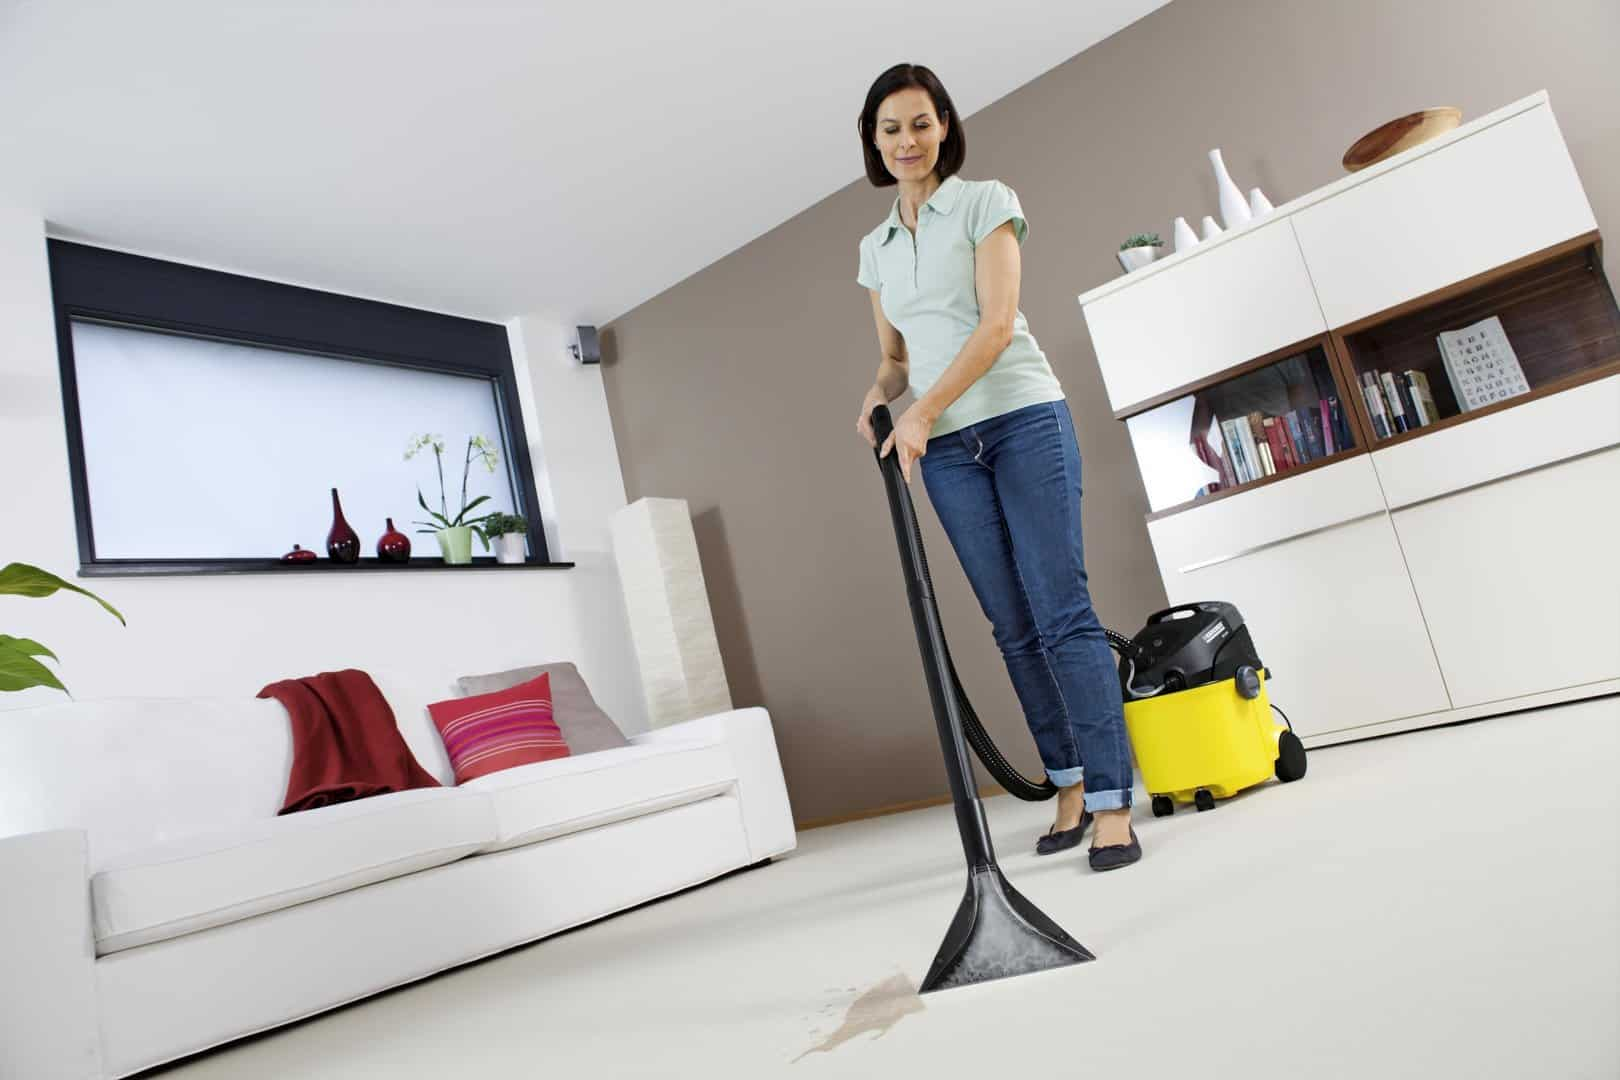 Evde Halı Yıkama Makinesi Fiyatları ve Modelleri